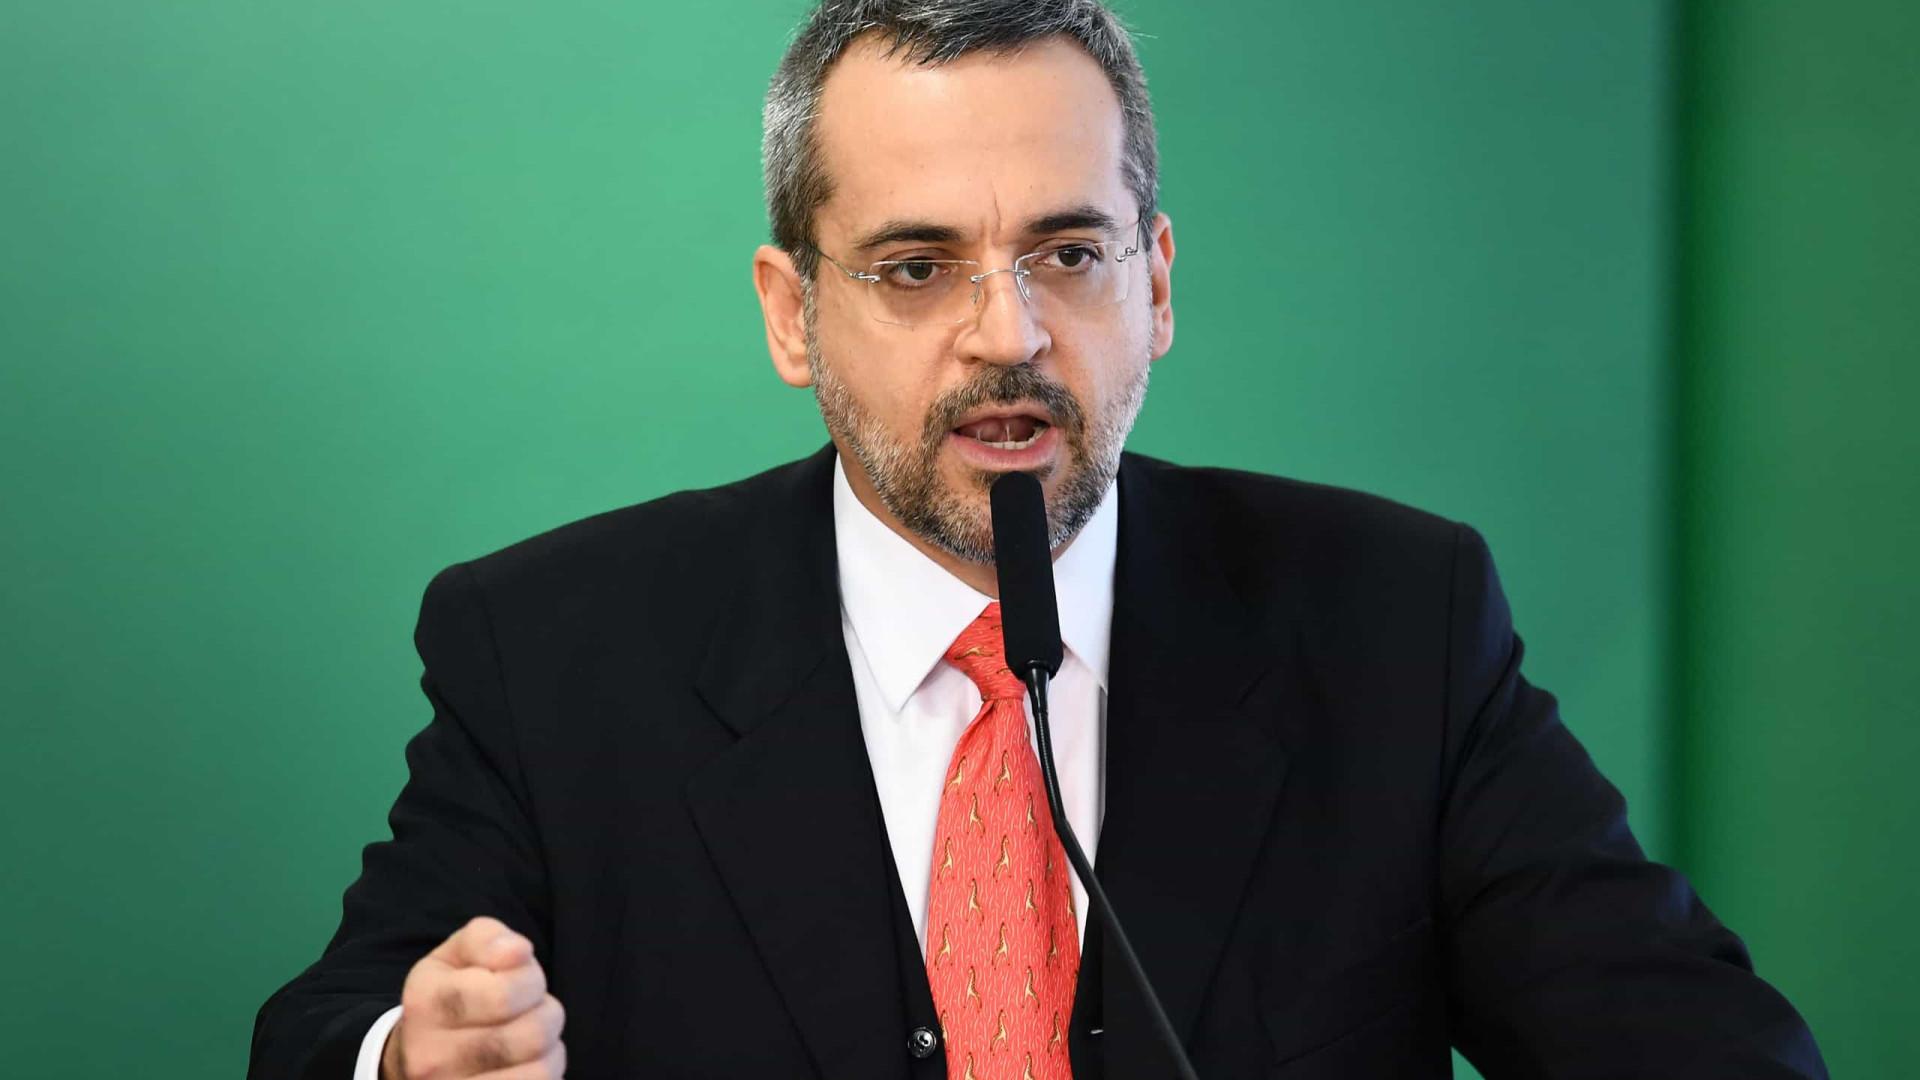 Ministro da Educação ridicularizado por erros ortográficos